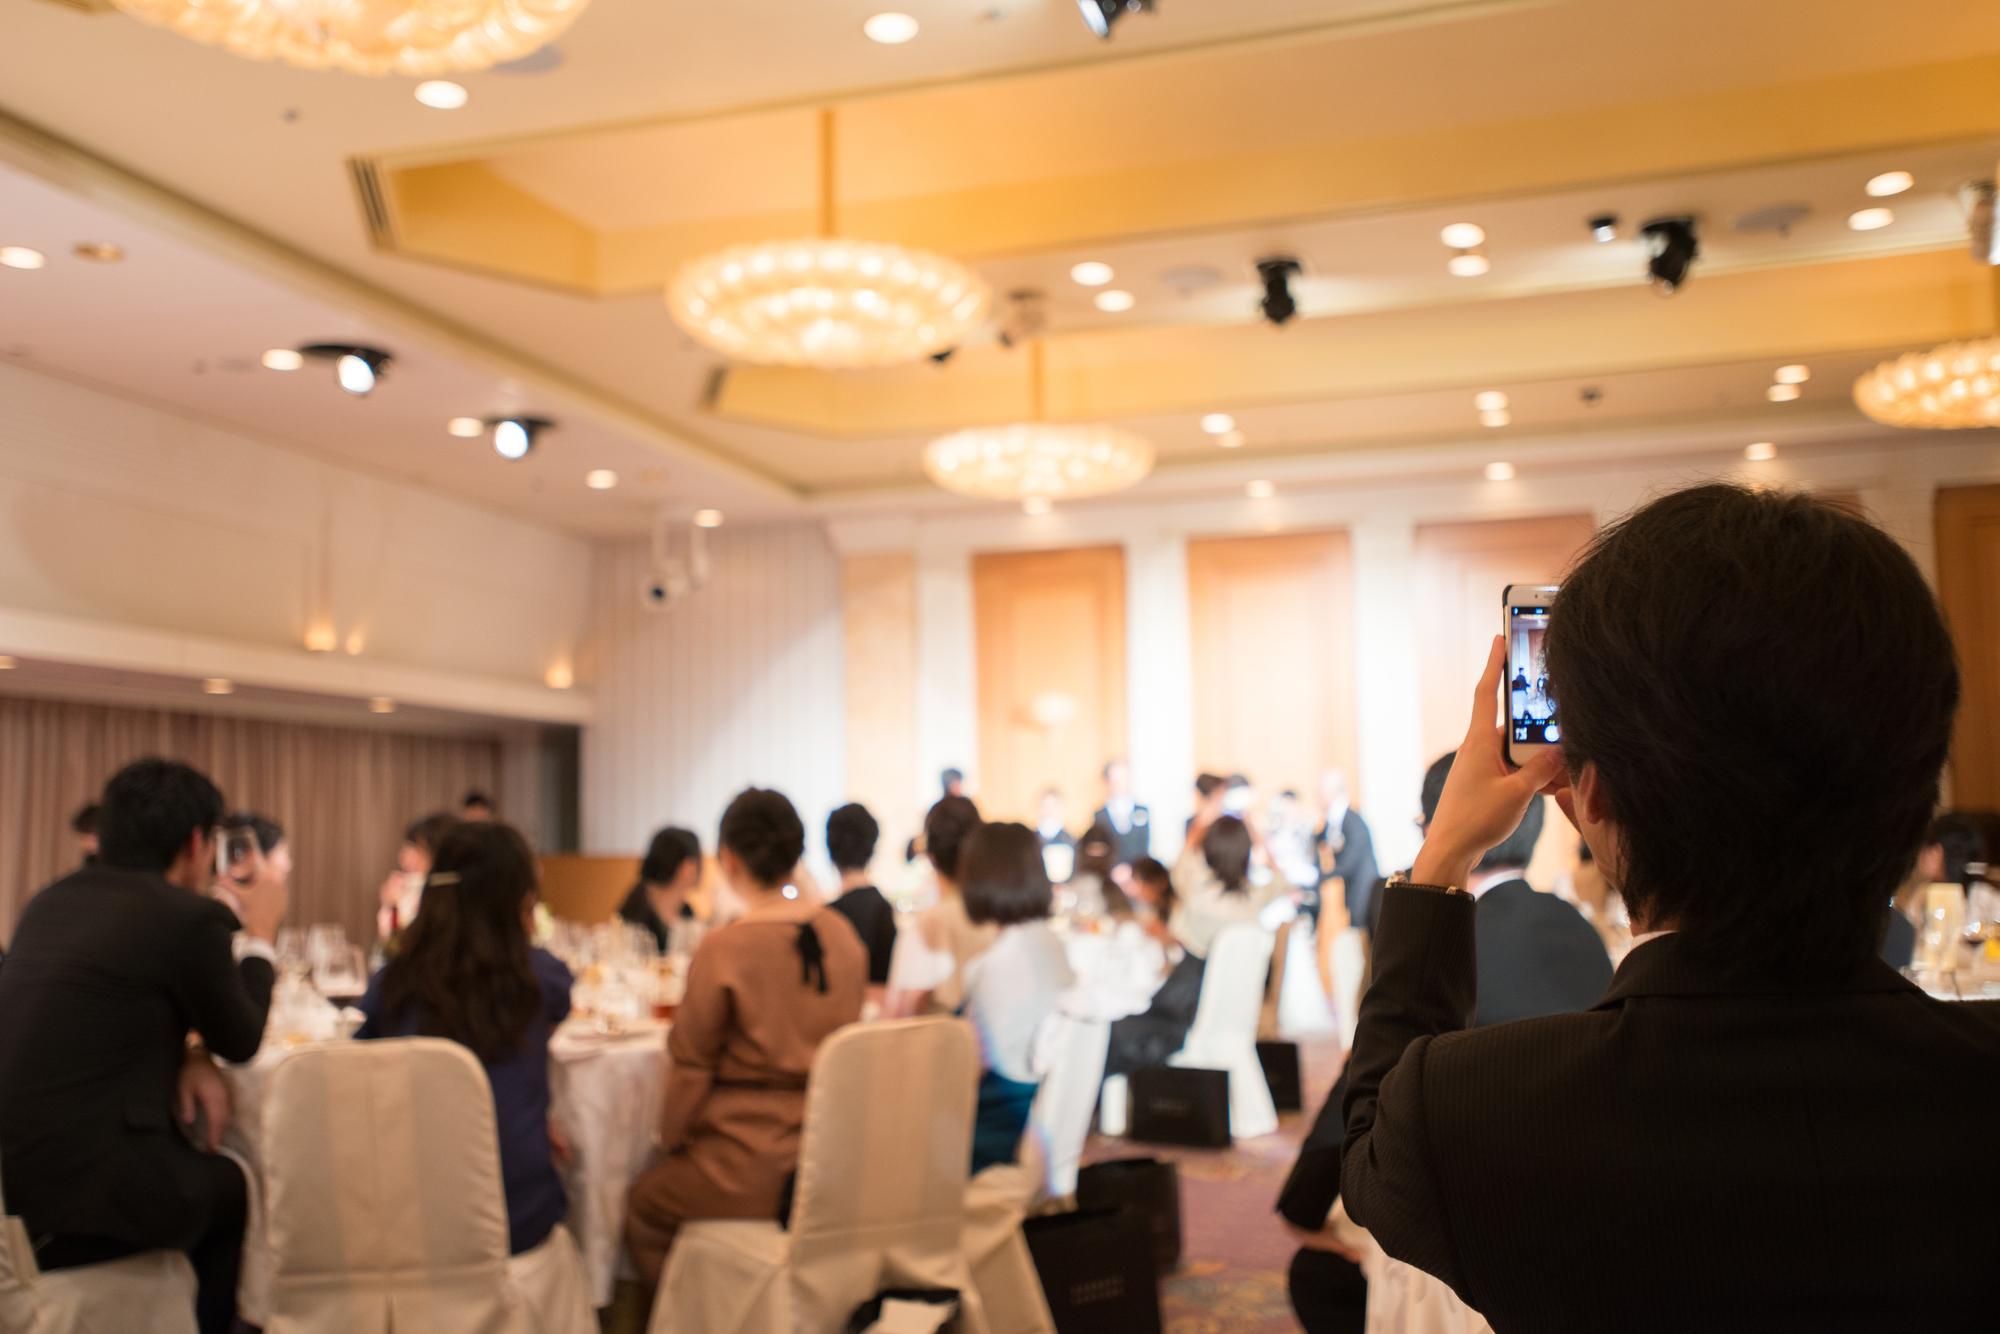 【コスパ◎】カラオケ・ダンスを結婚式余興・出し物のために練習できる場所